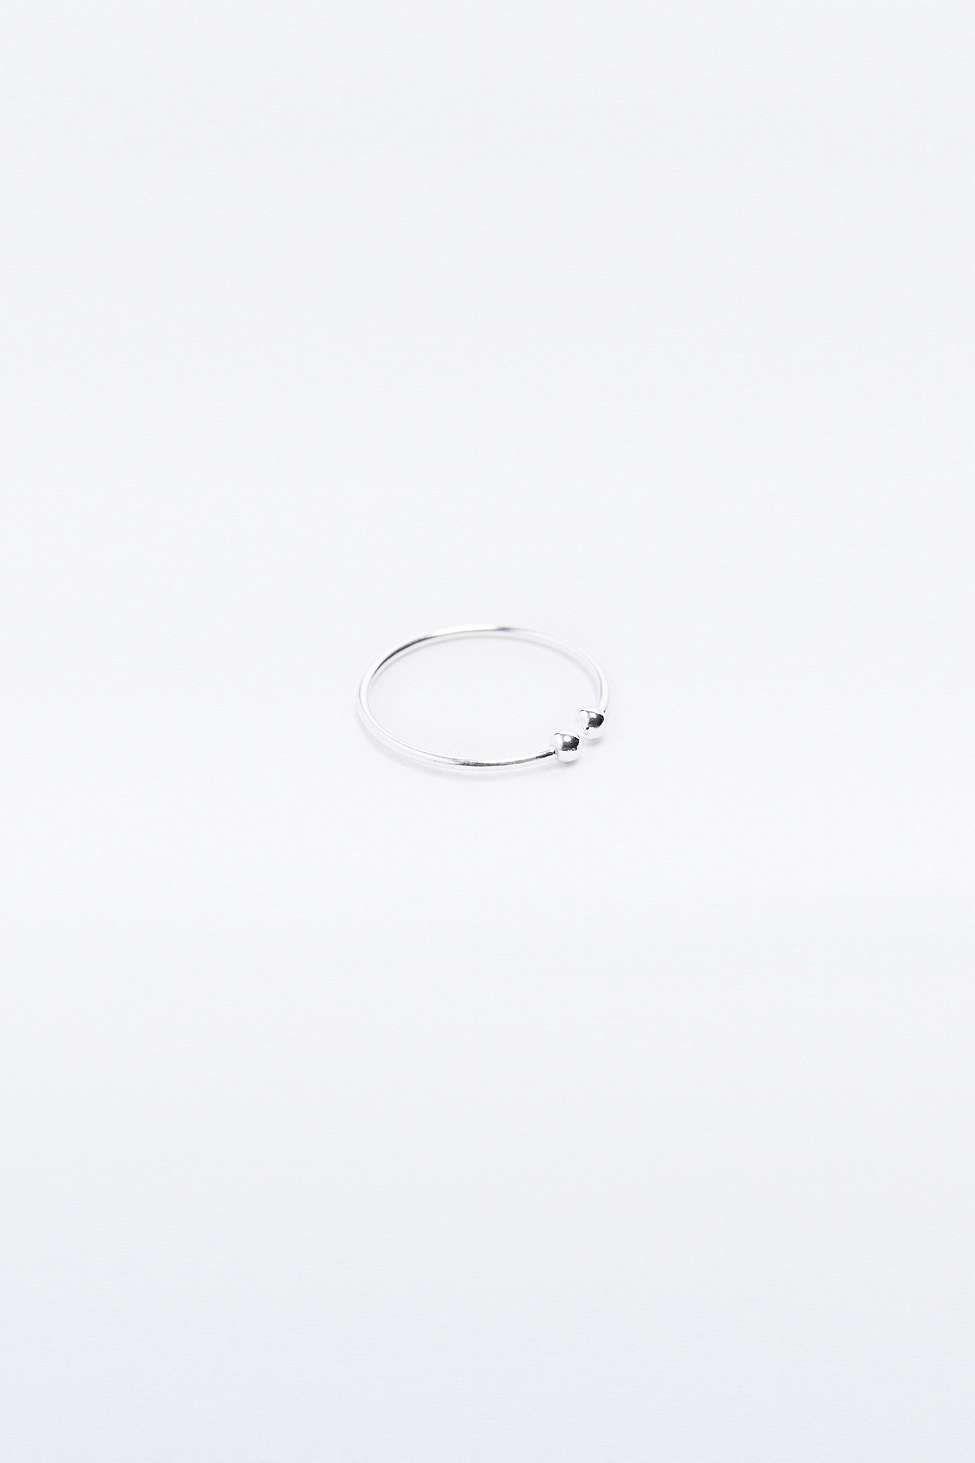 Delicate silver fake nose ring fake nose rings fake